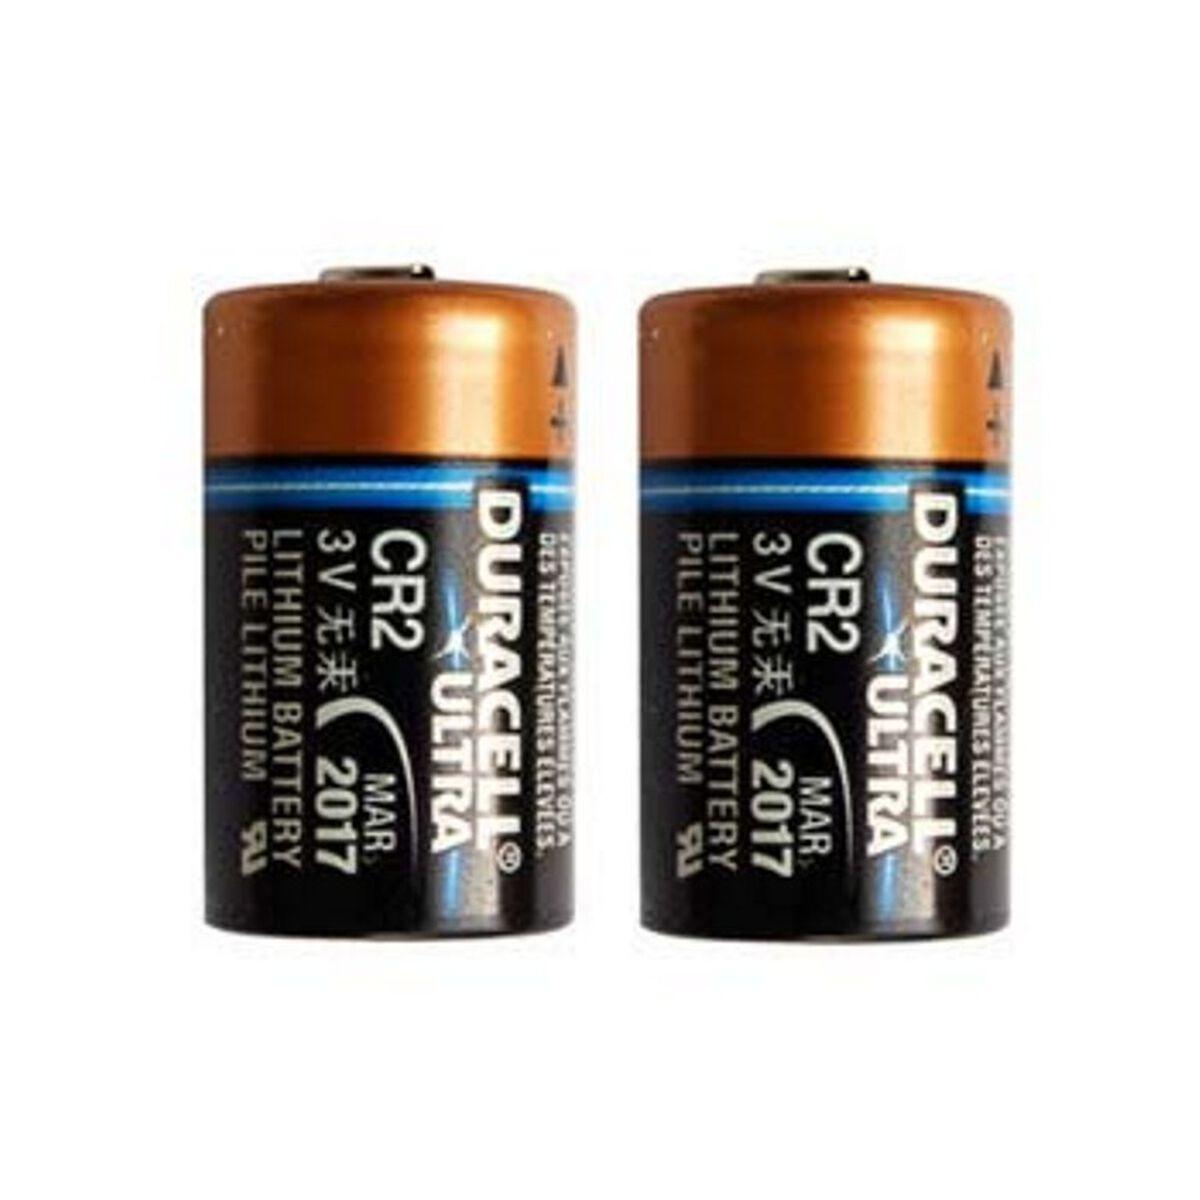 cr2 golf rangefinder replacement batteries 2pk pga tour. Black Bedroom Furniture Sets. Home Design Ideas